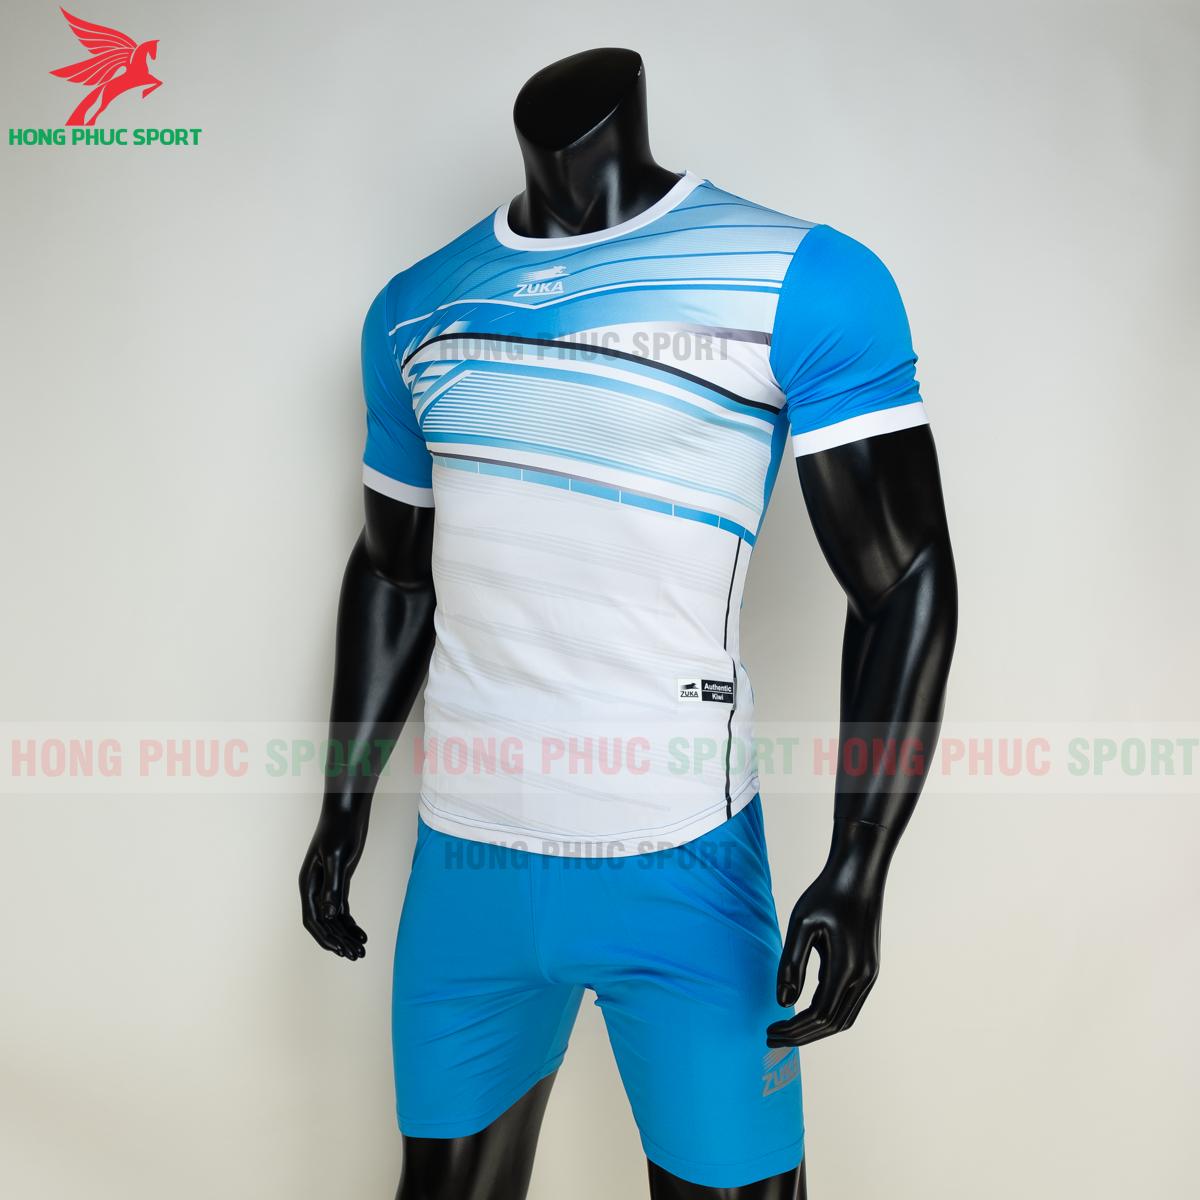 Áo đá banh không logo ZUKA 01 2021 màu Xanh (trái)